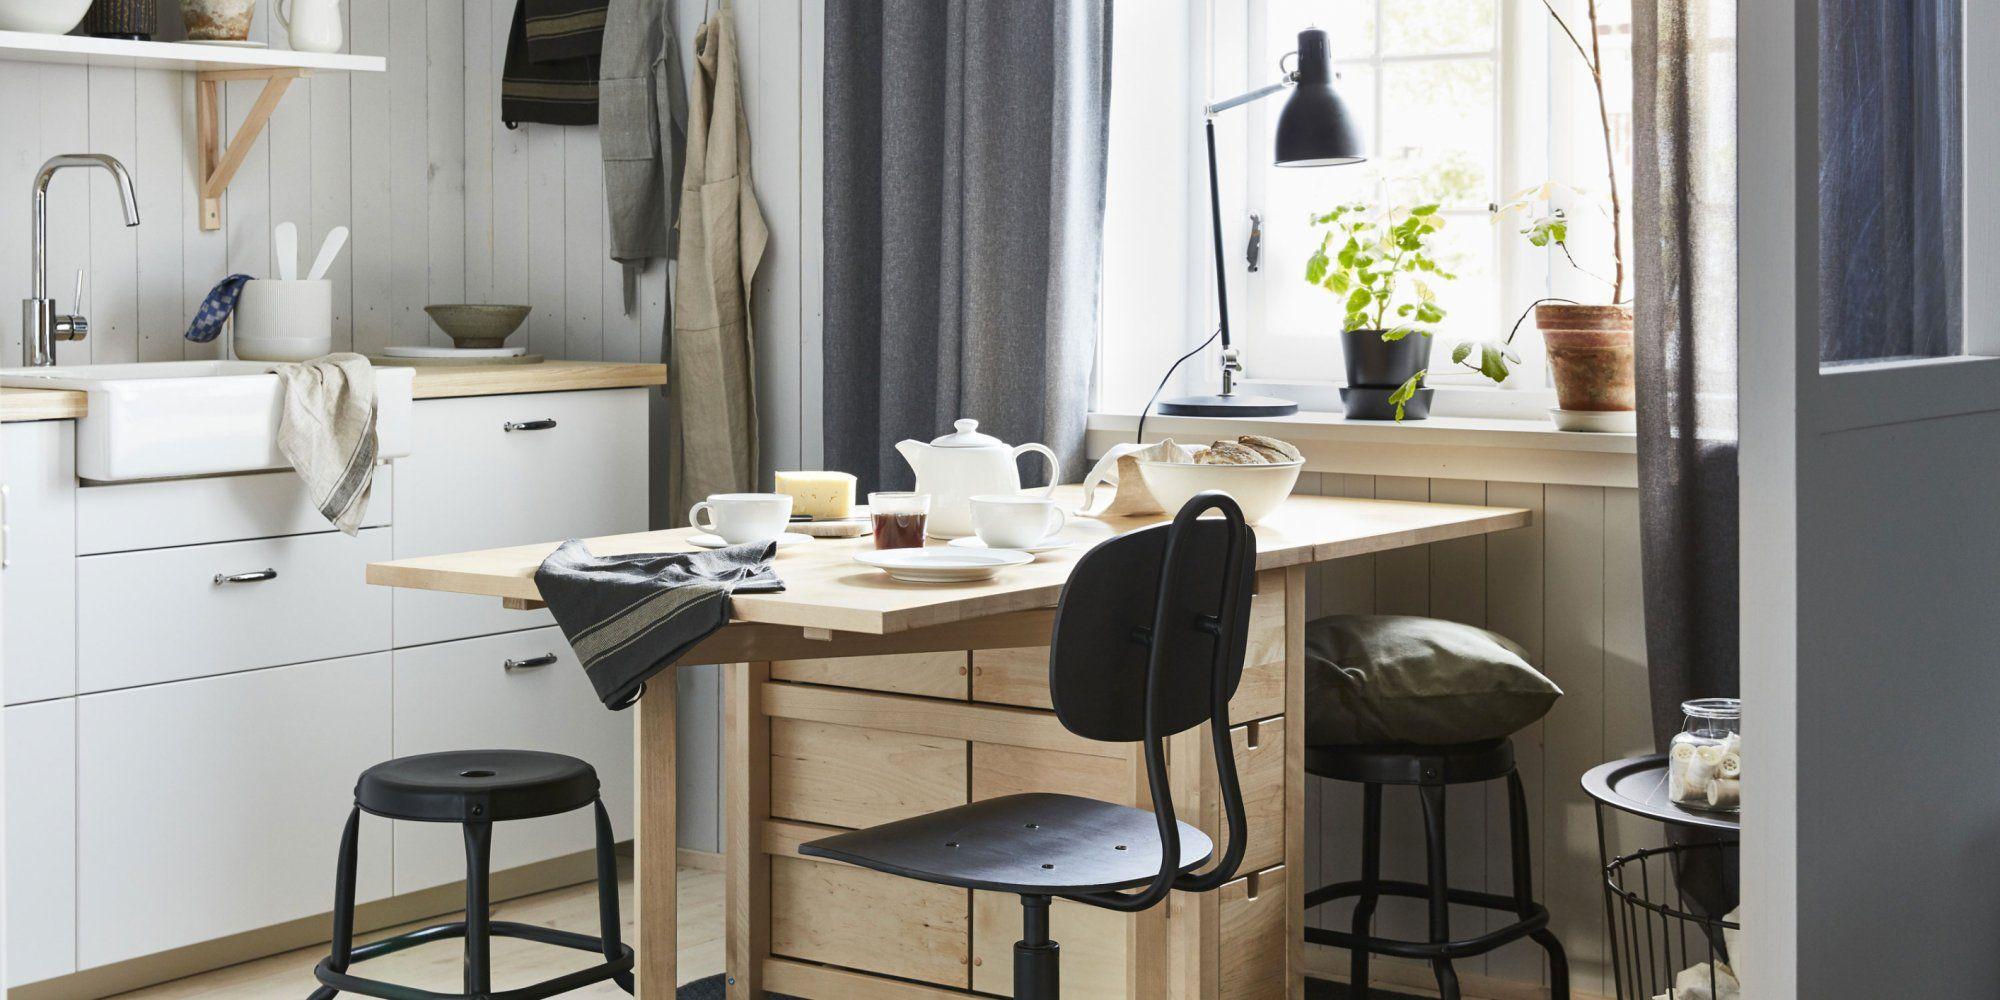 La Table Ronde Planet Pour Un Coin Repas Au Design Scandinave